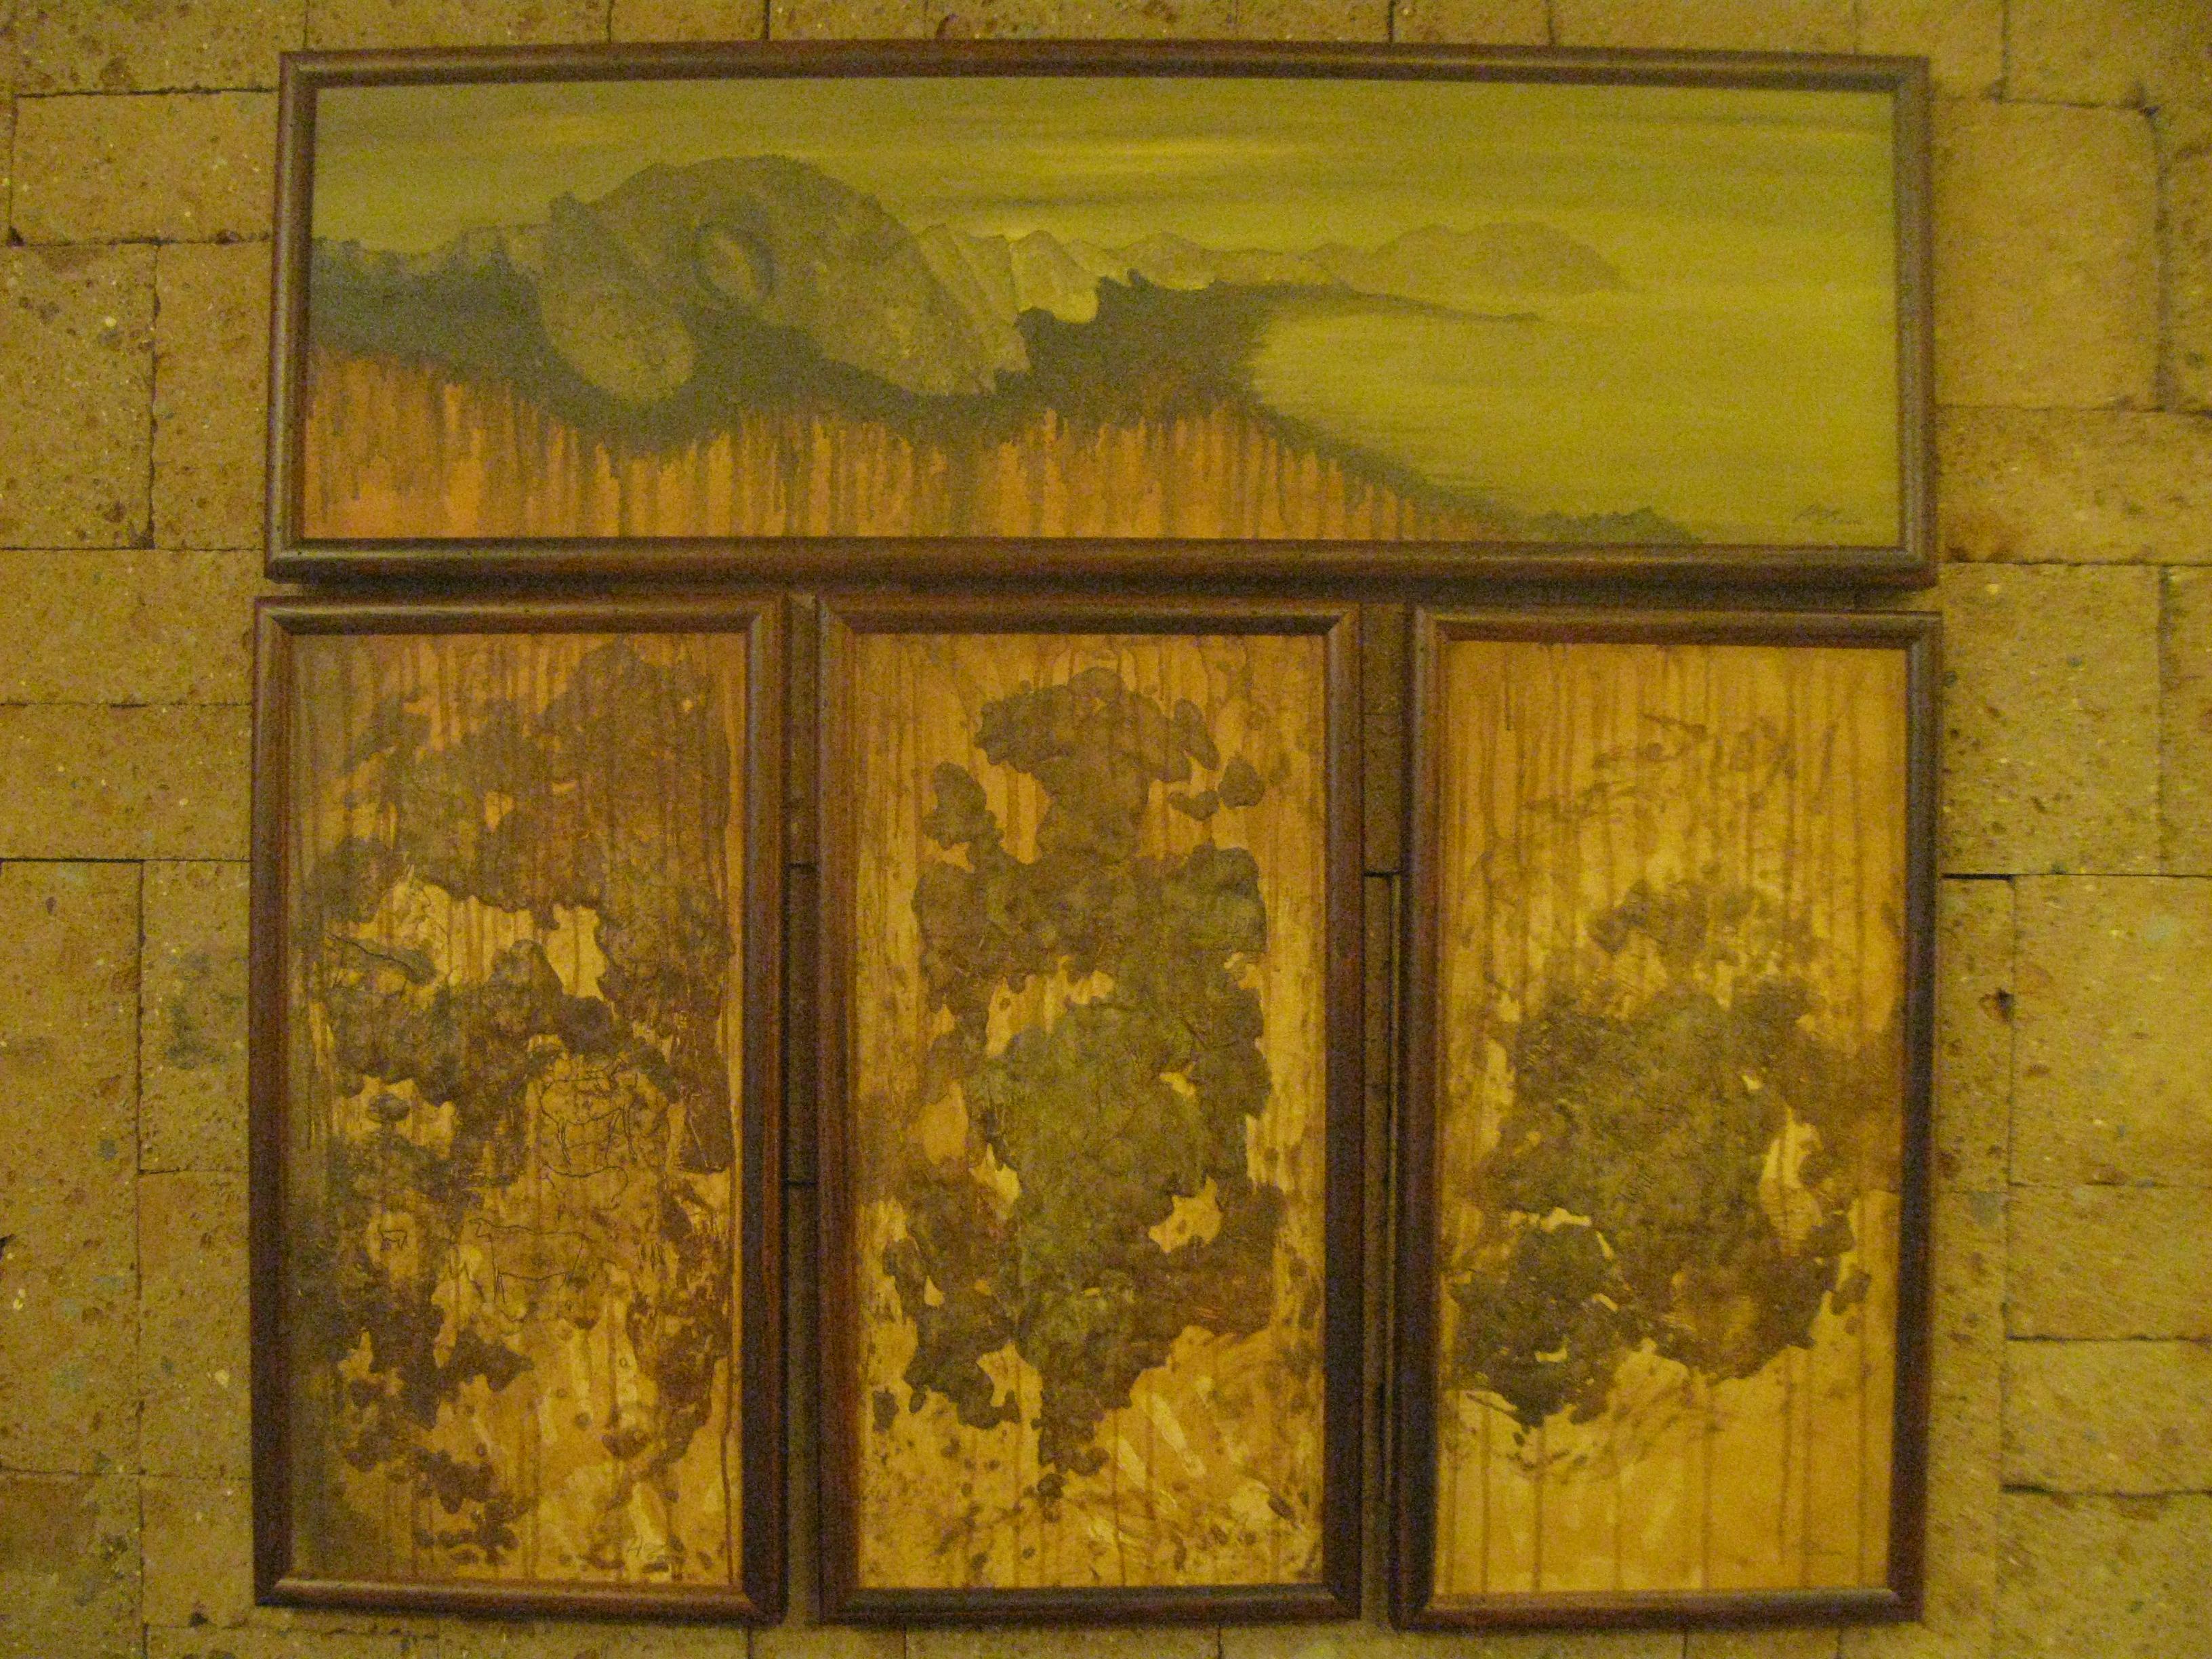 GROTTE DELL'ADDAURA PALERMO n.1 100 x 30, n.3 30 x 60